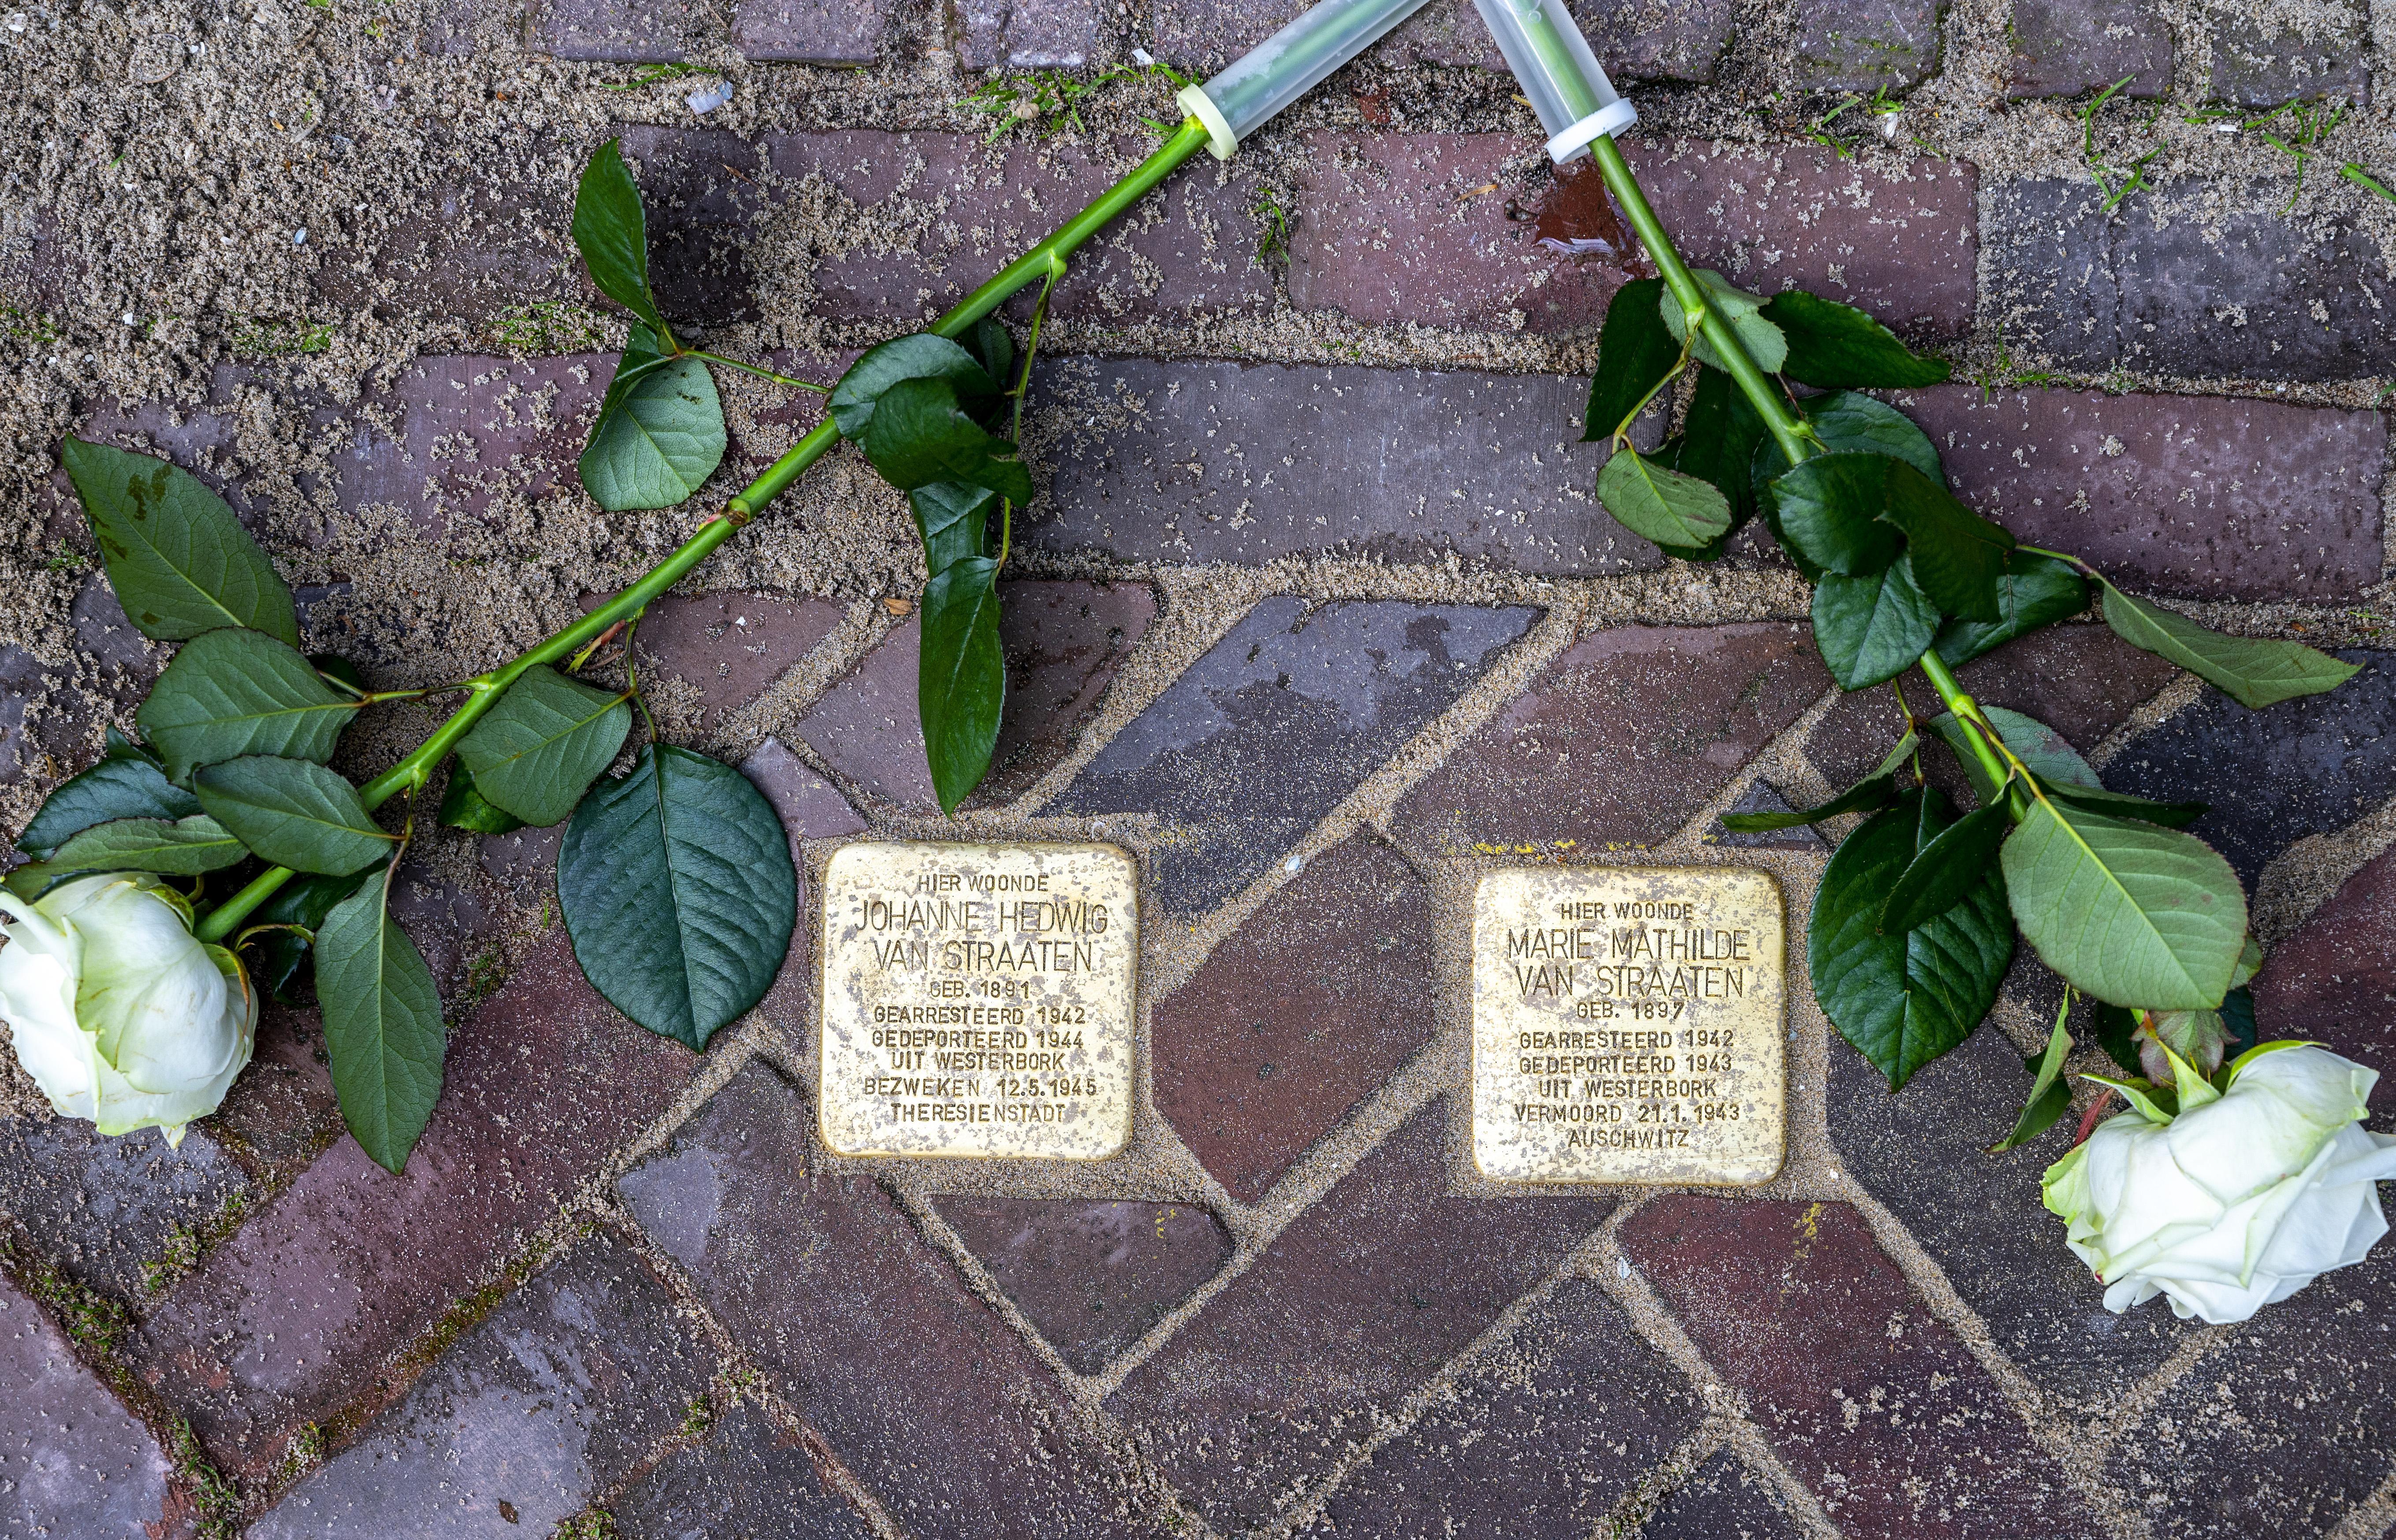 Struikelen over het treurige verleden, deze stenen herinneren aan een bijzondere boekwinkel in Heemstede